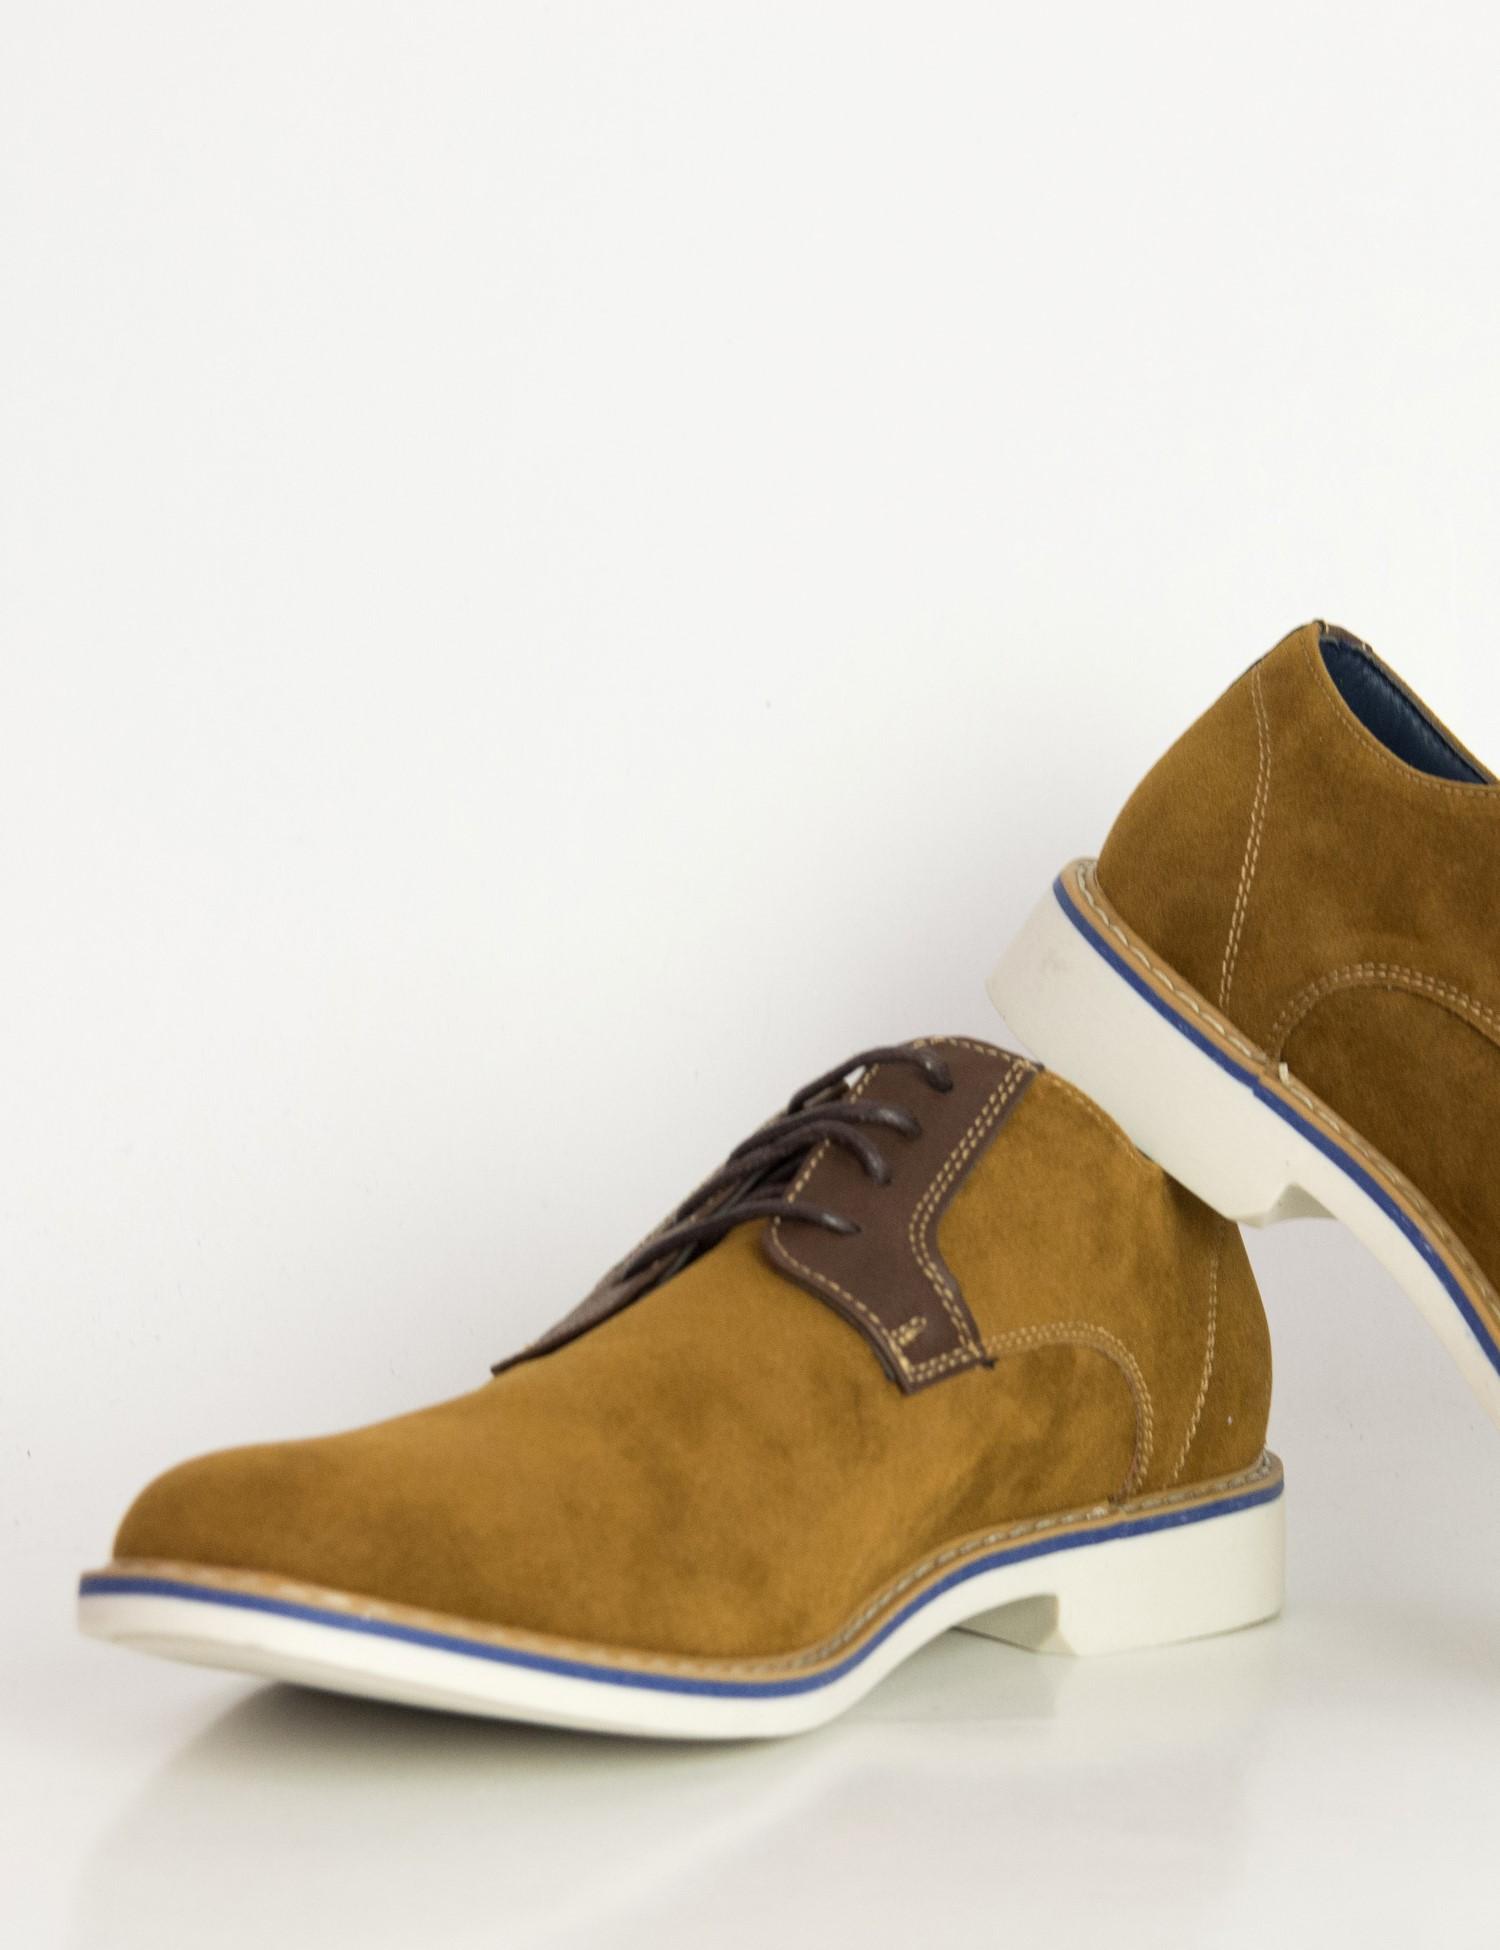 53108b38f92 Ανδρικά κάμελ σουέντ δετά παπούτσια Casual EL0636R